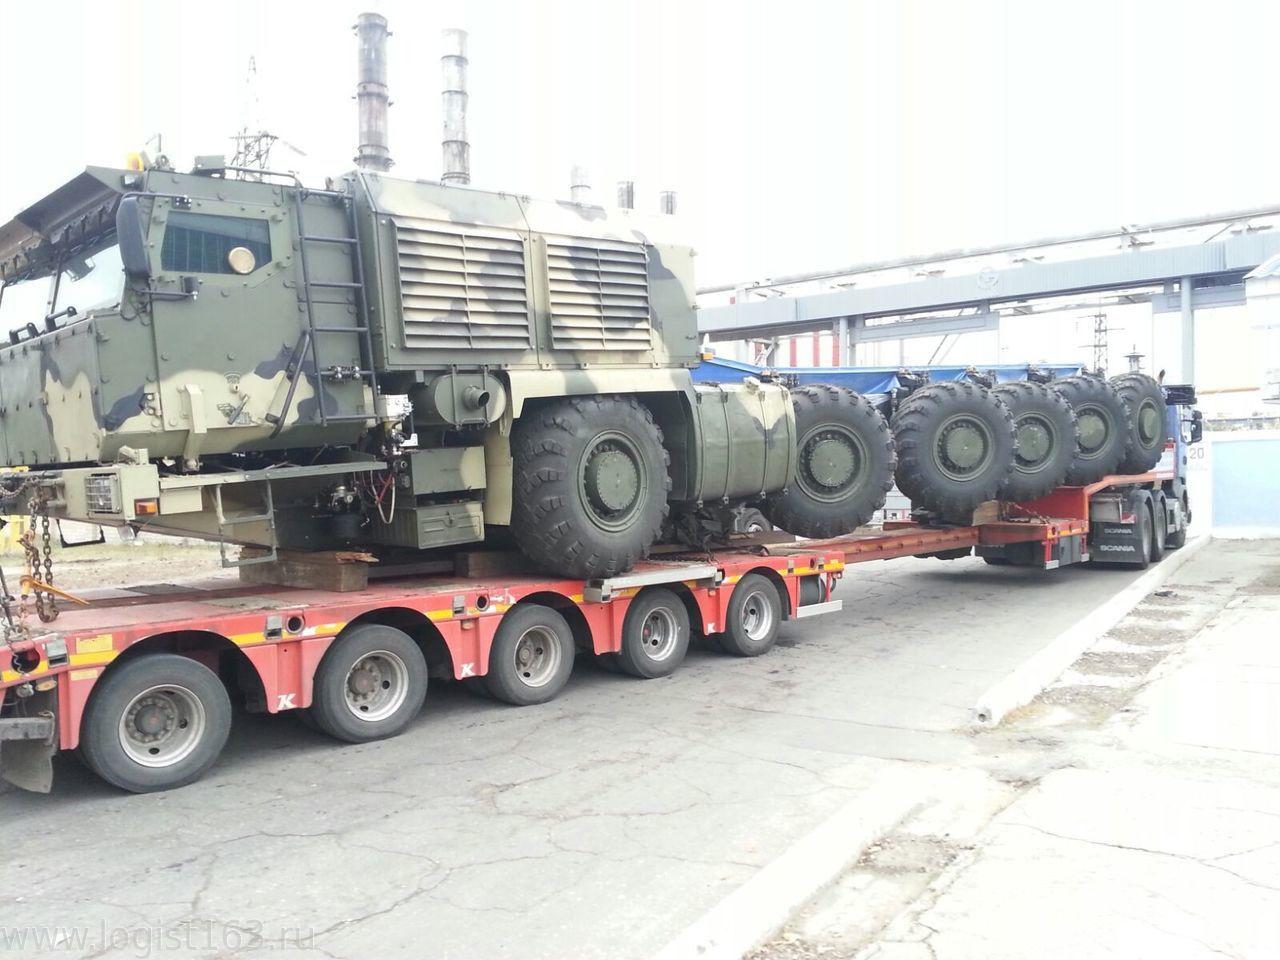 Russian Military Photos and Videos #3 - Page 39 F_aWMucGljcy5saXZlam91cm5hbC5jb20vZV9tYWtzaW1vdi8xMzE2NTc1OS82NzM0Mi82NzM0Ml9vcmlnaW5hbC5qcGc_X19pZD03NTQxOQ==